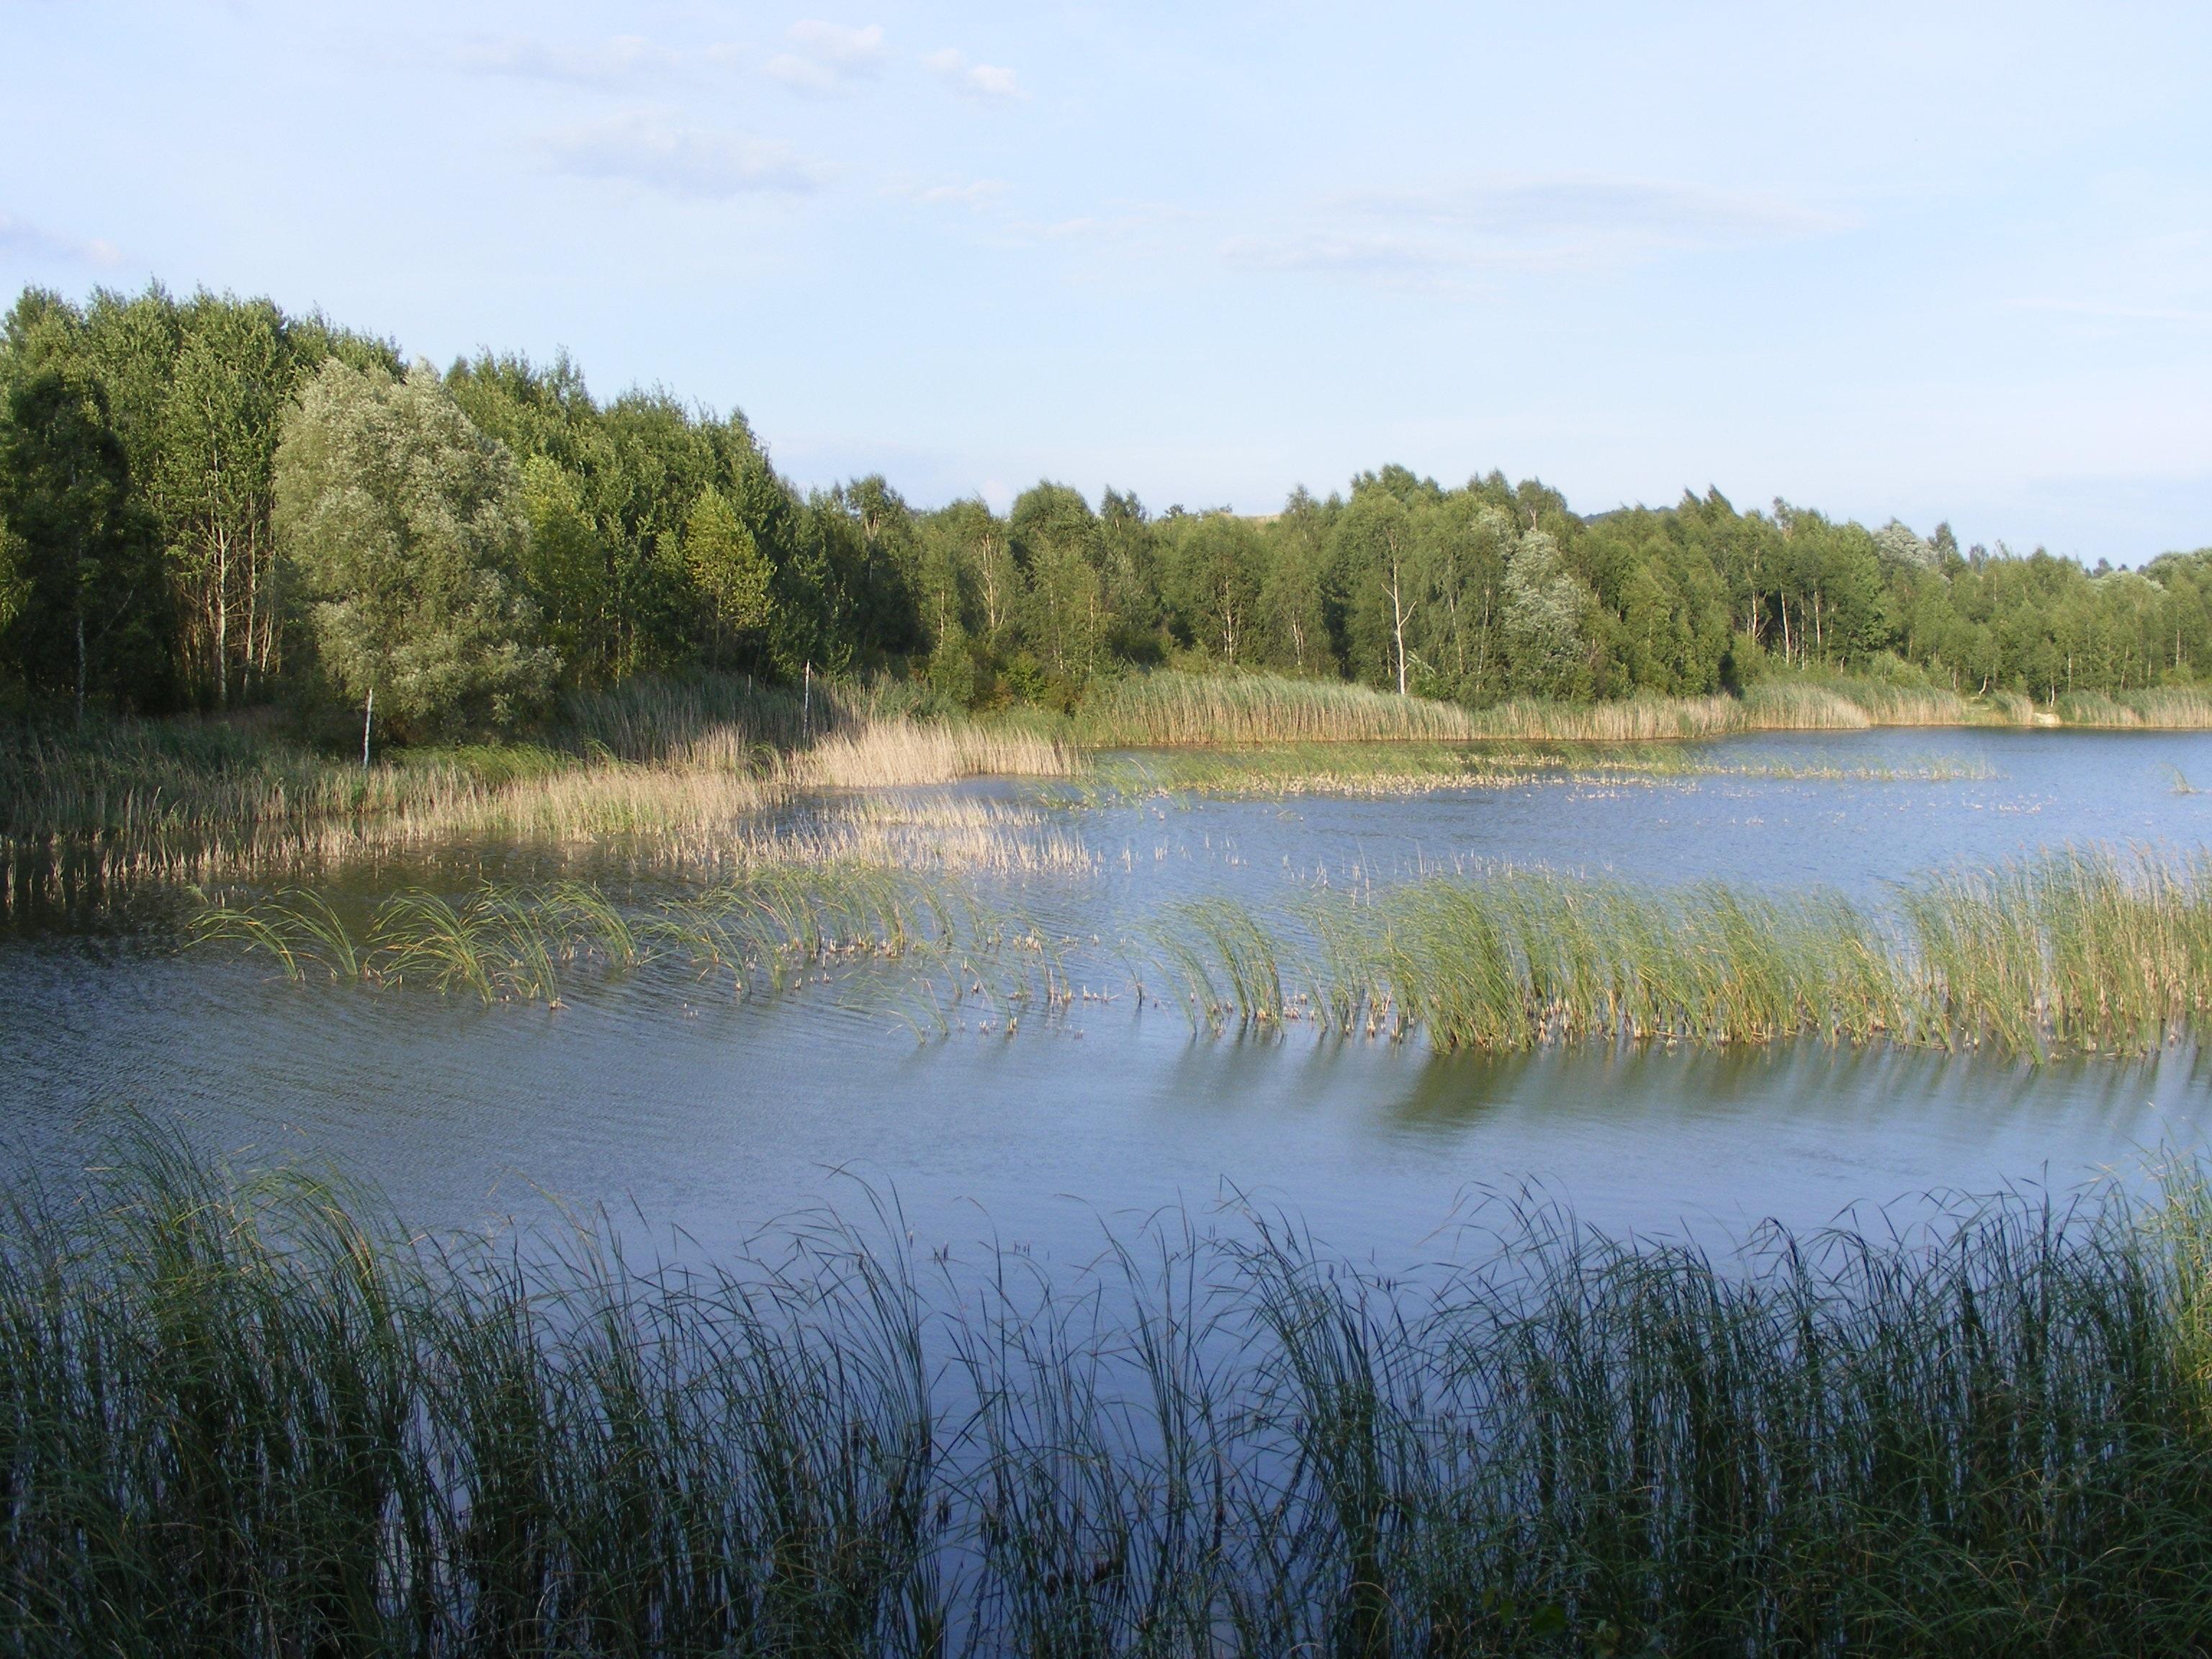 Kostenlose foto baum wasser natur gras sumpf wiese for Fischteich wasser reinigen